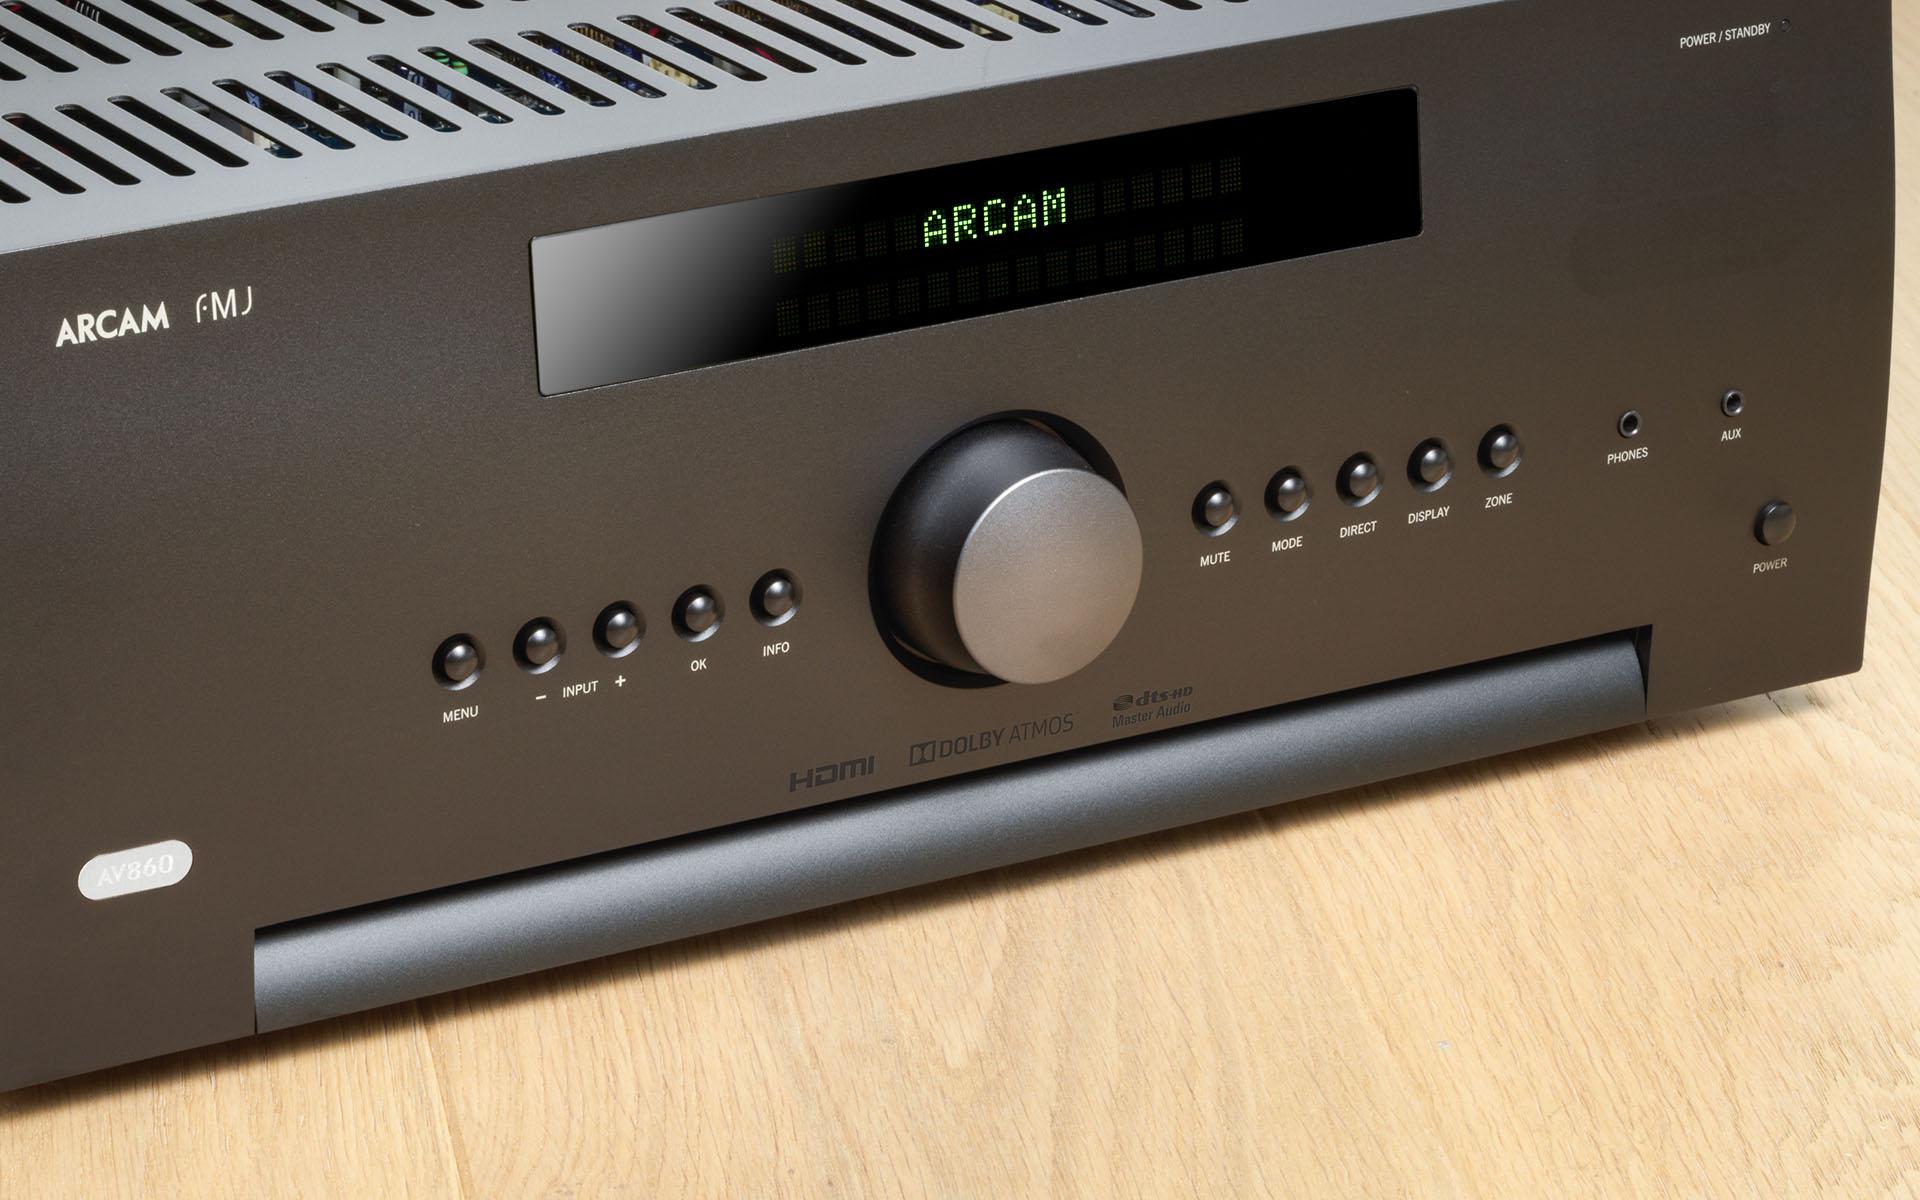 Процессор Arcam AV860 уверенно обрабатывает как Dolby Atmos, так и DTS:X, демонстрируя при этом звучание аудиофильского качества